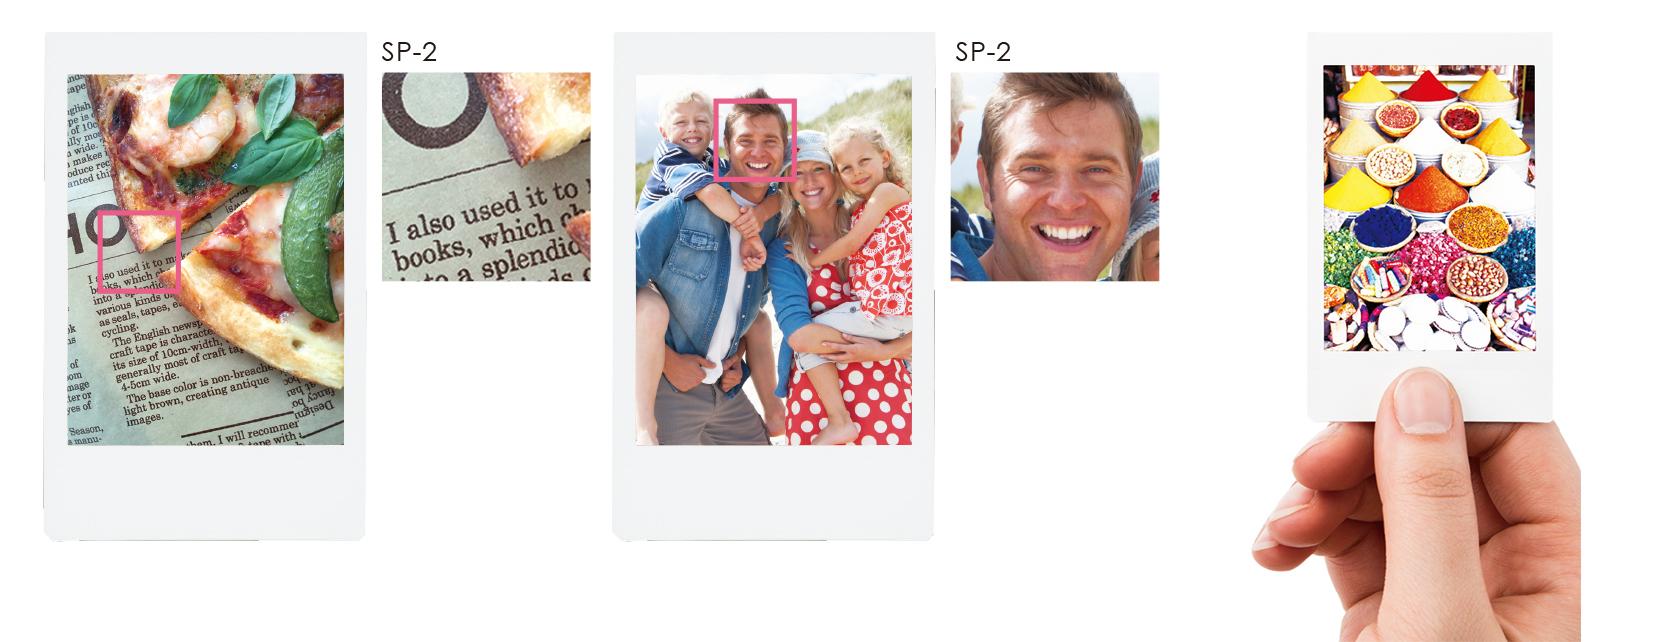 Imprimante d'images avec imprimante SP-2